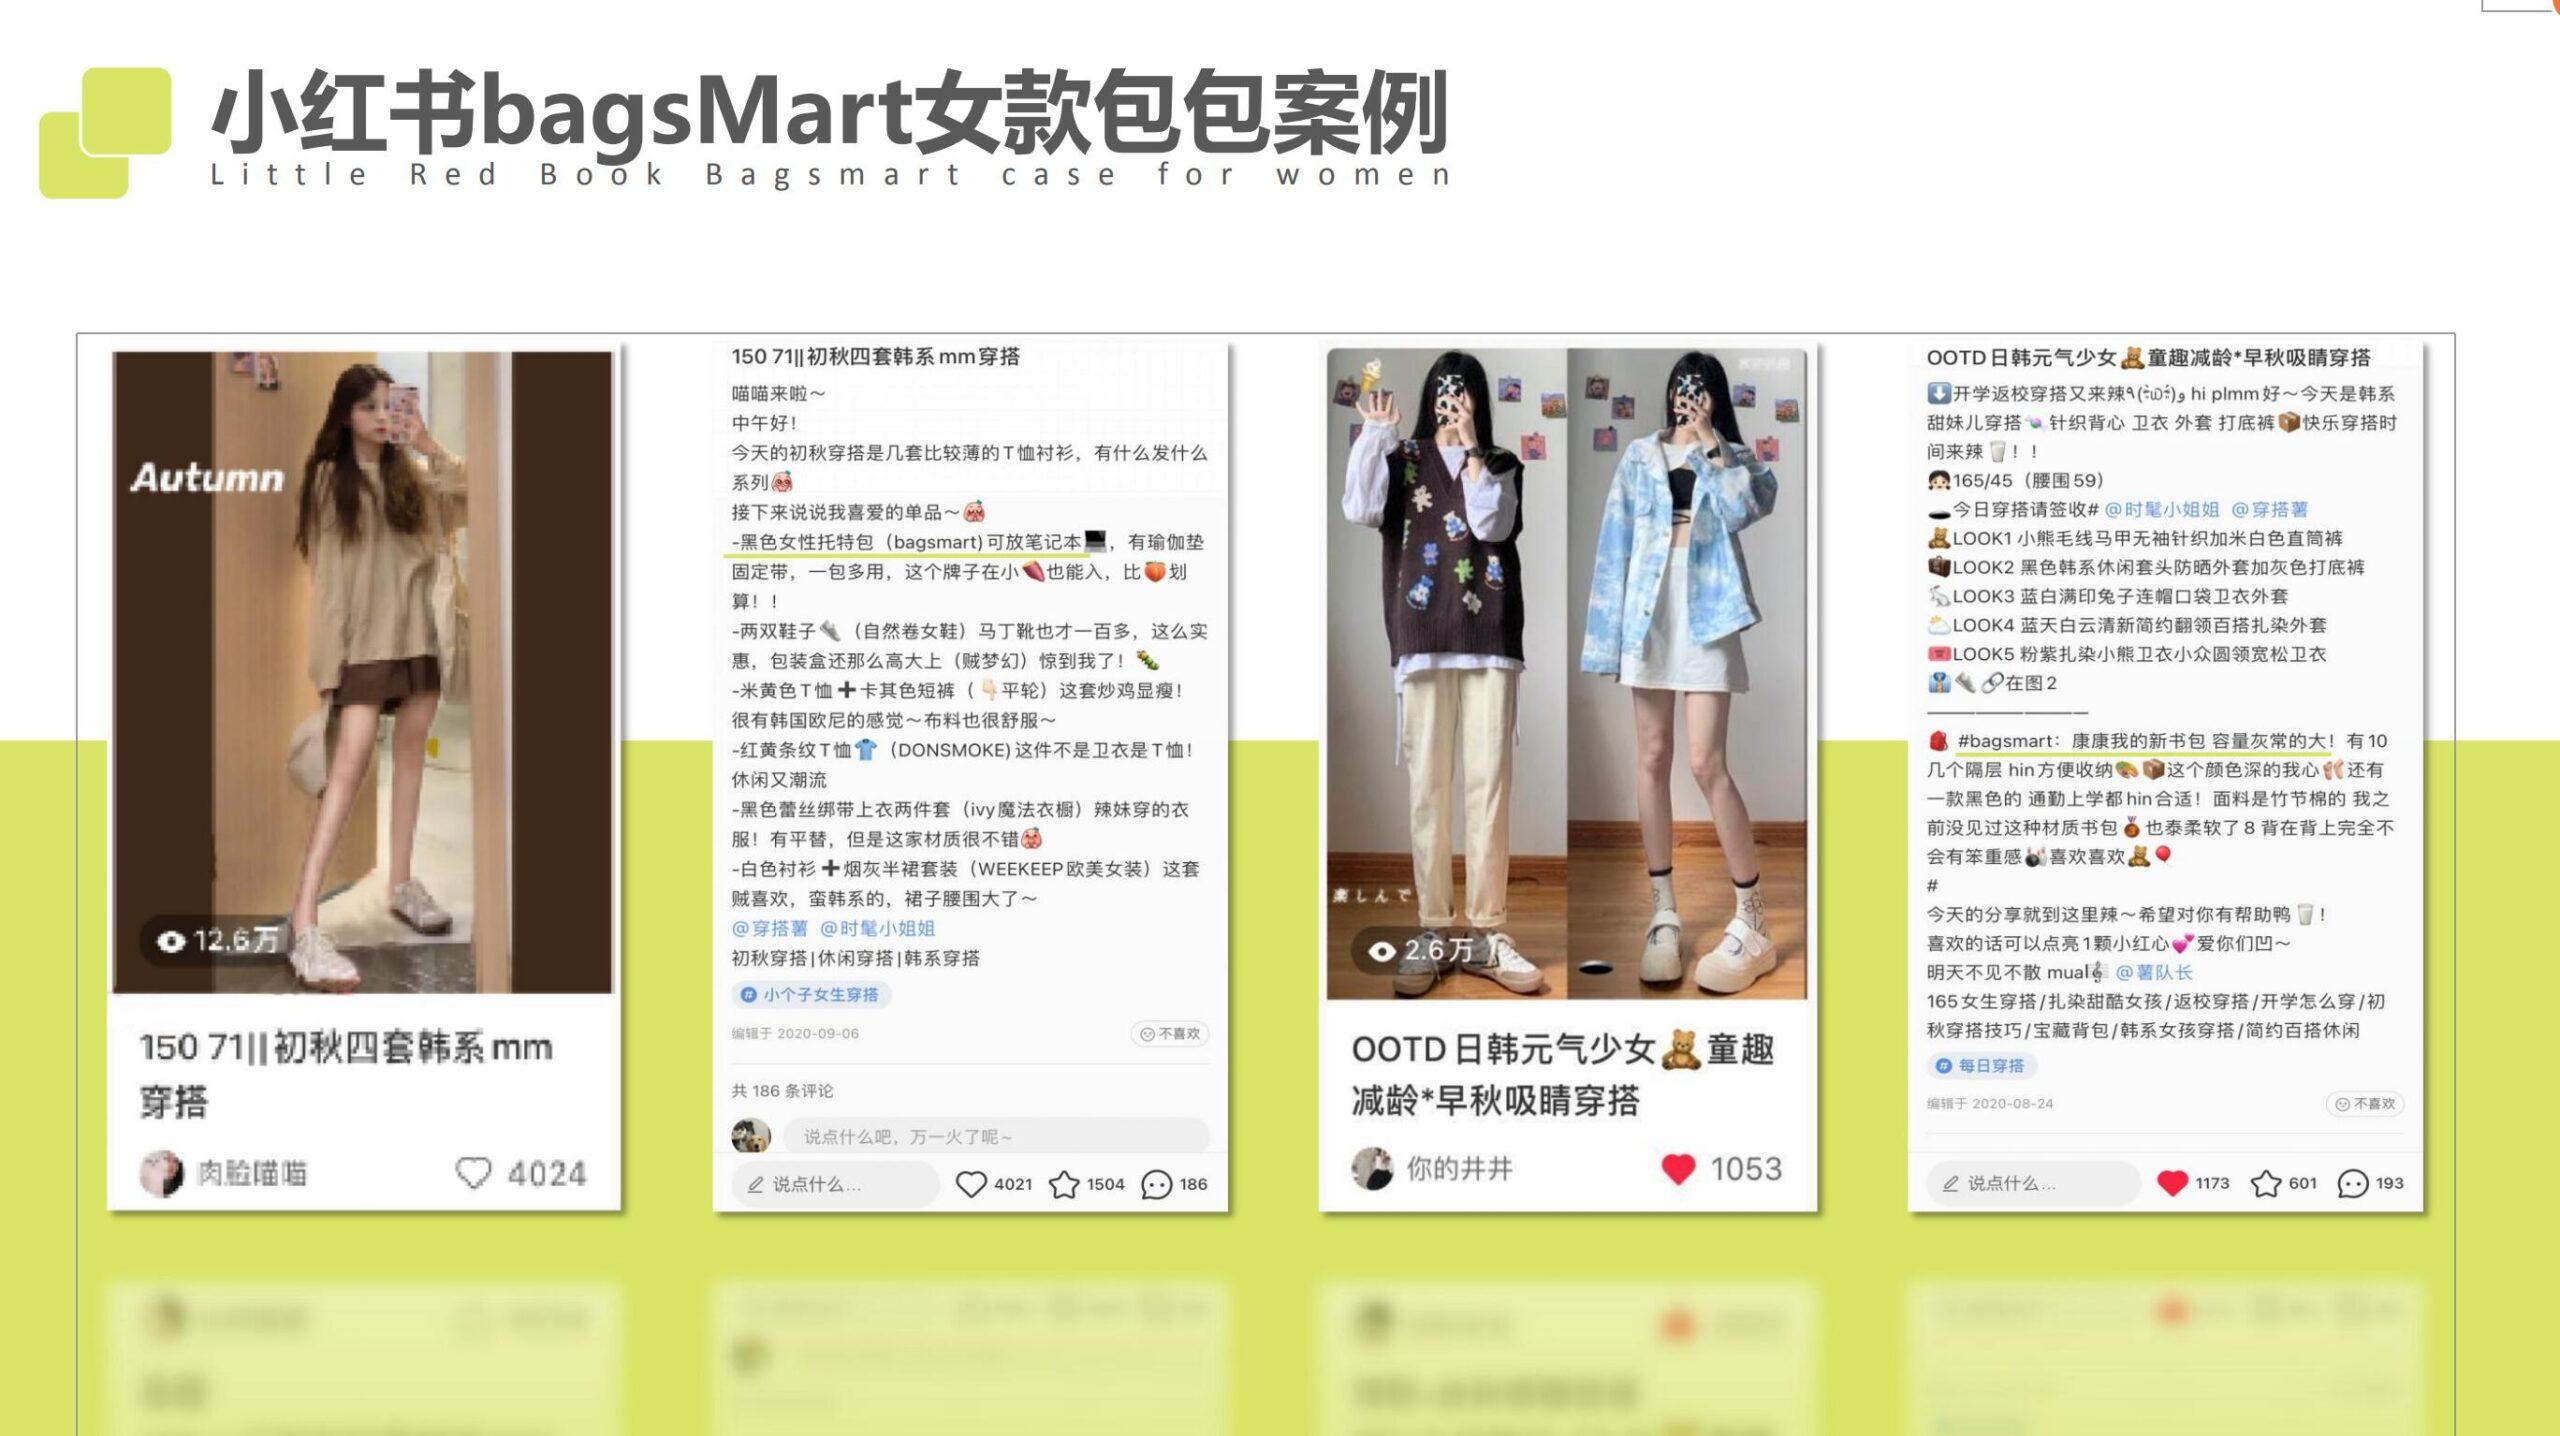 小红书-bagsMart(女款包包品牌)